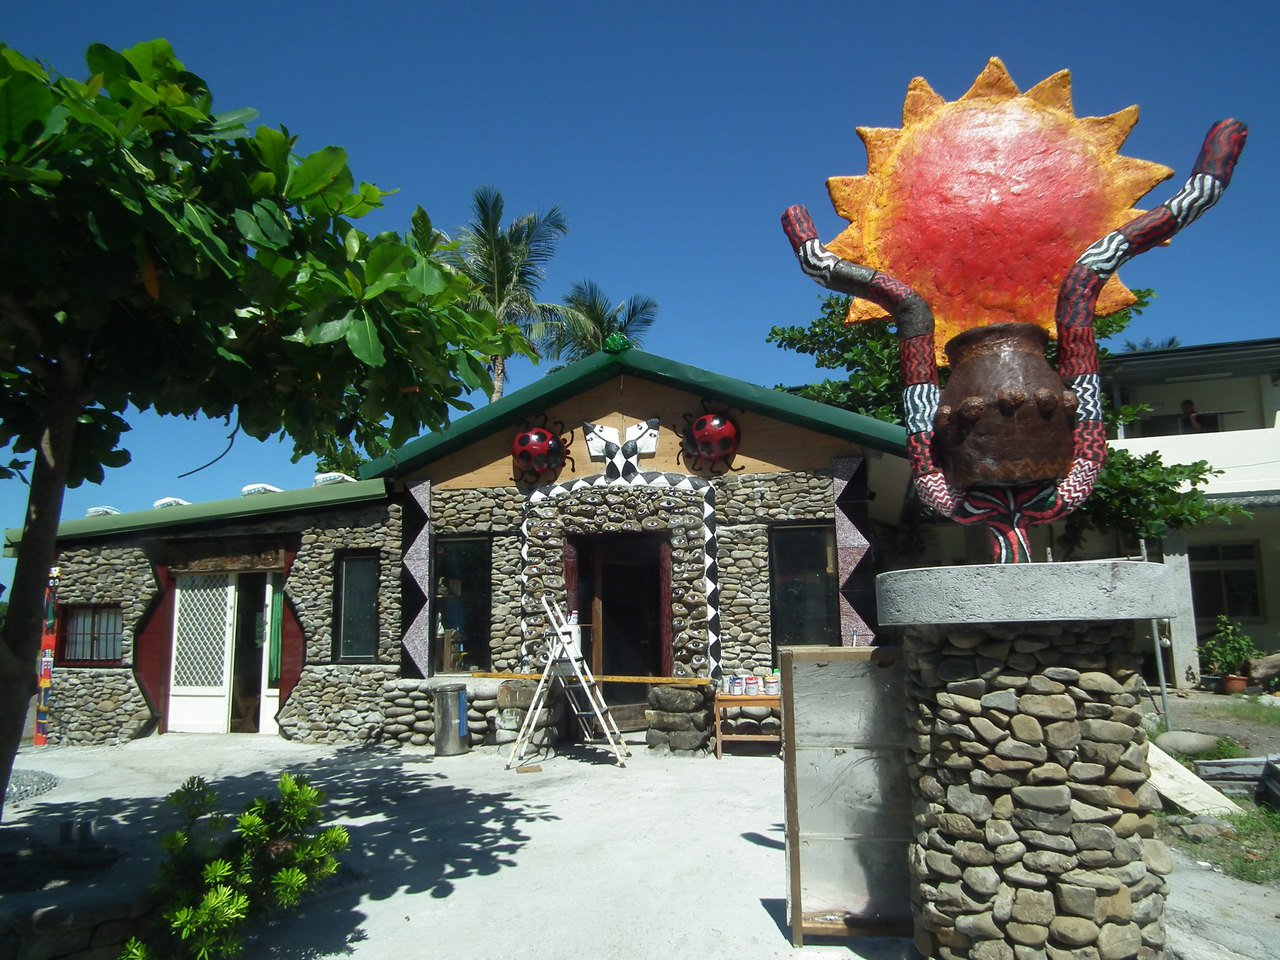 南田村落最特別的一棟房屋,門前聳立著太陽,門口四周有上百顆石頭彩繪著眼睛,還有的...